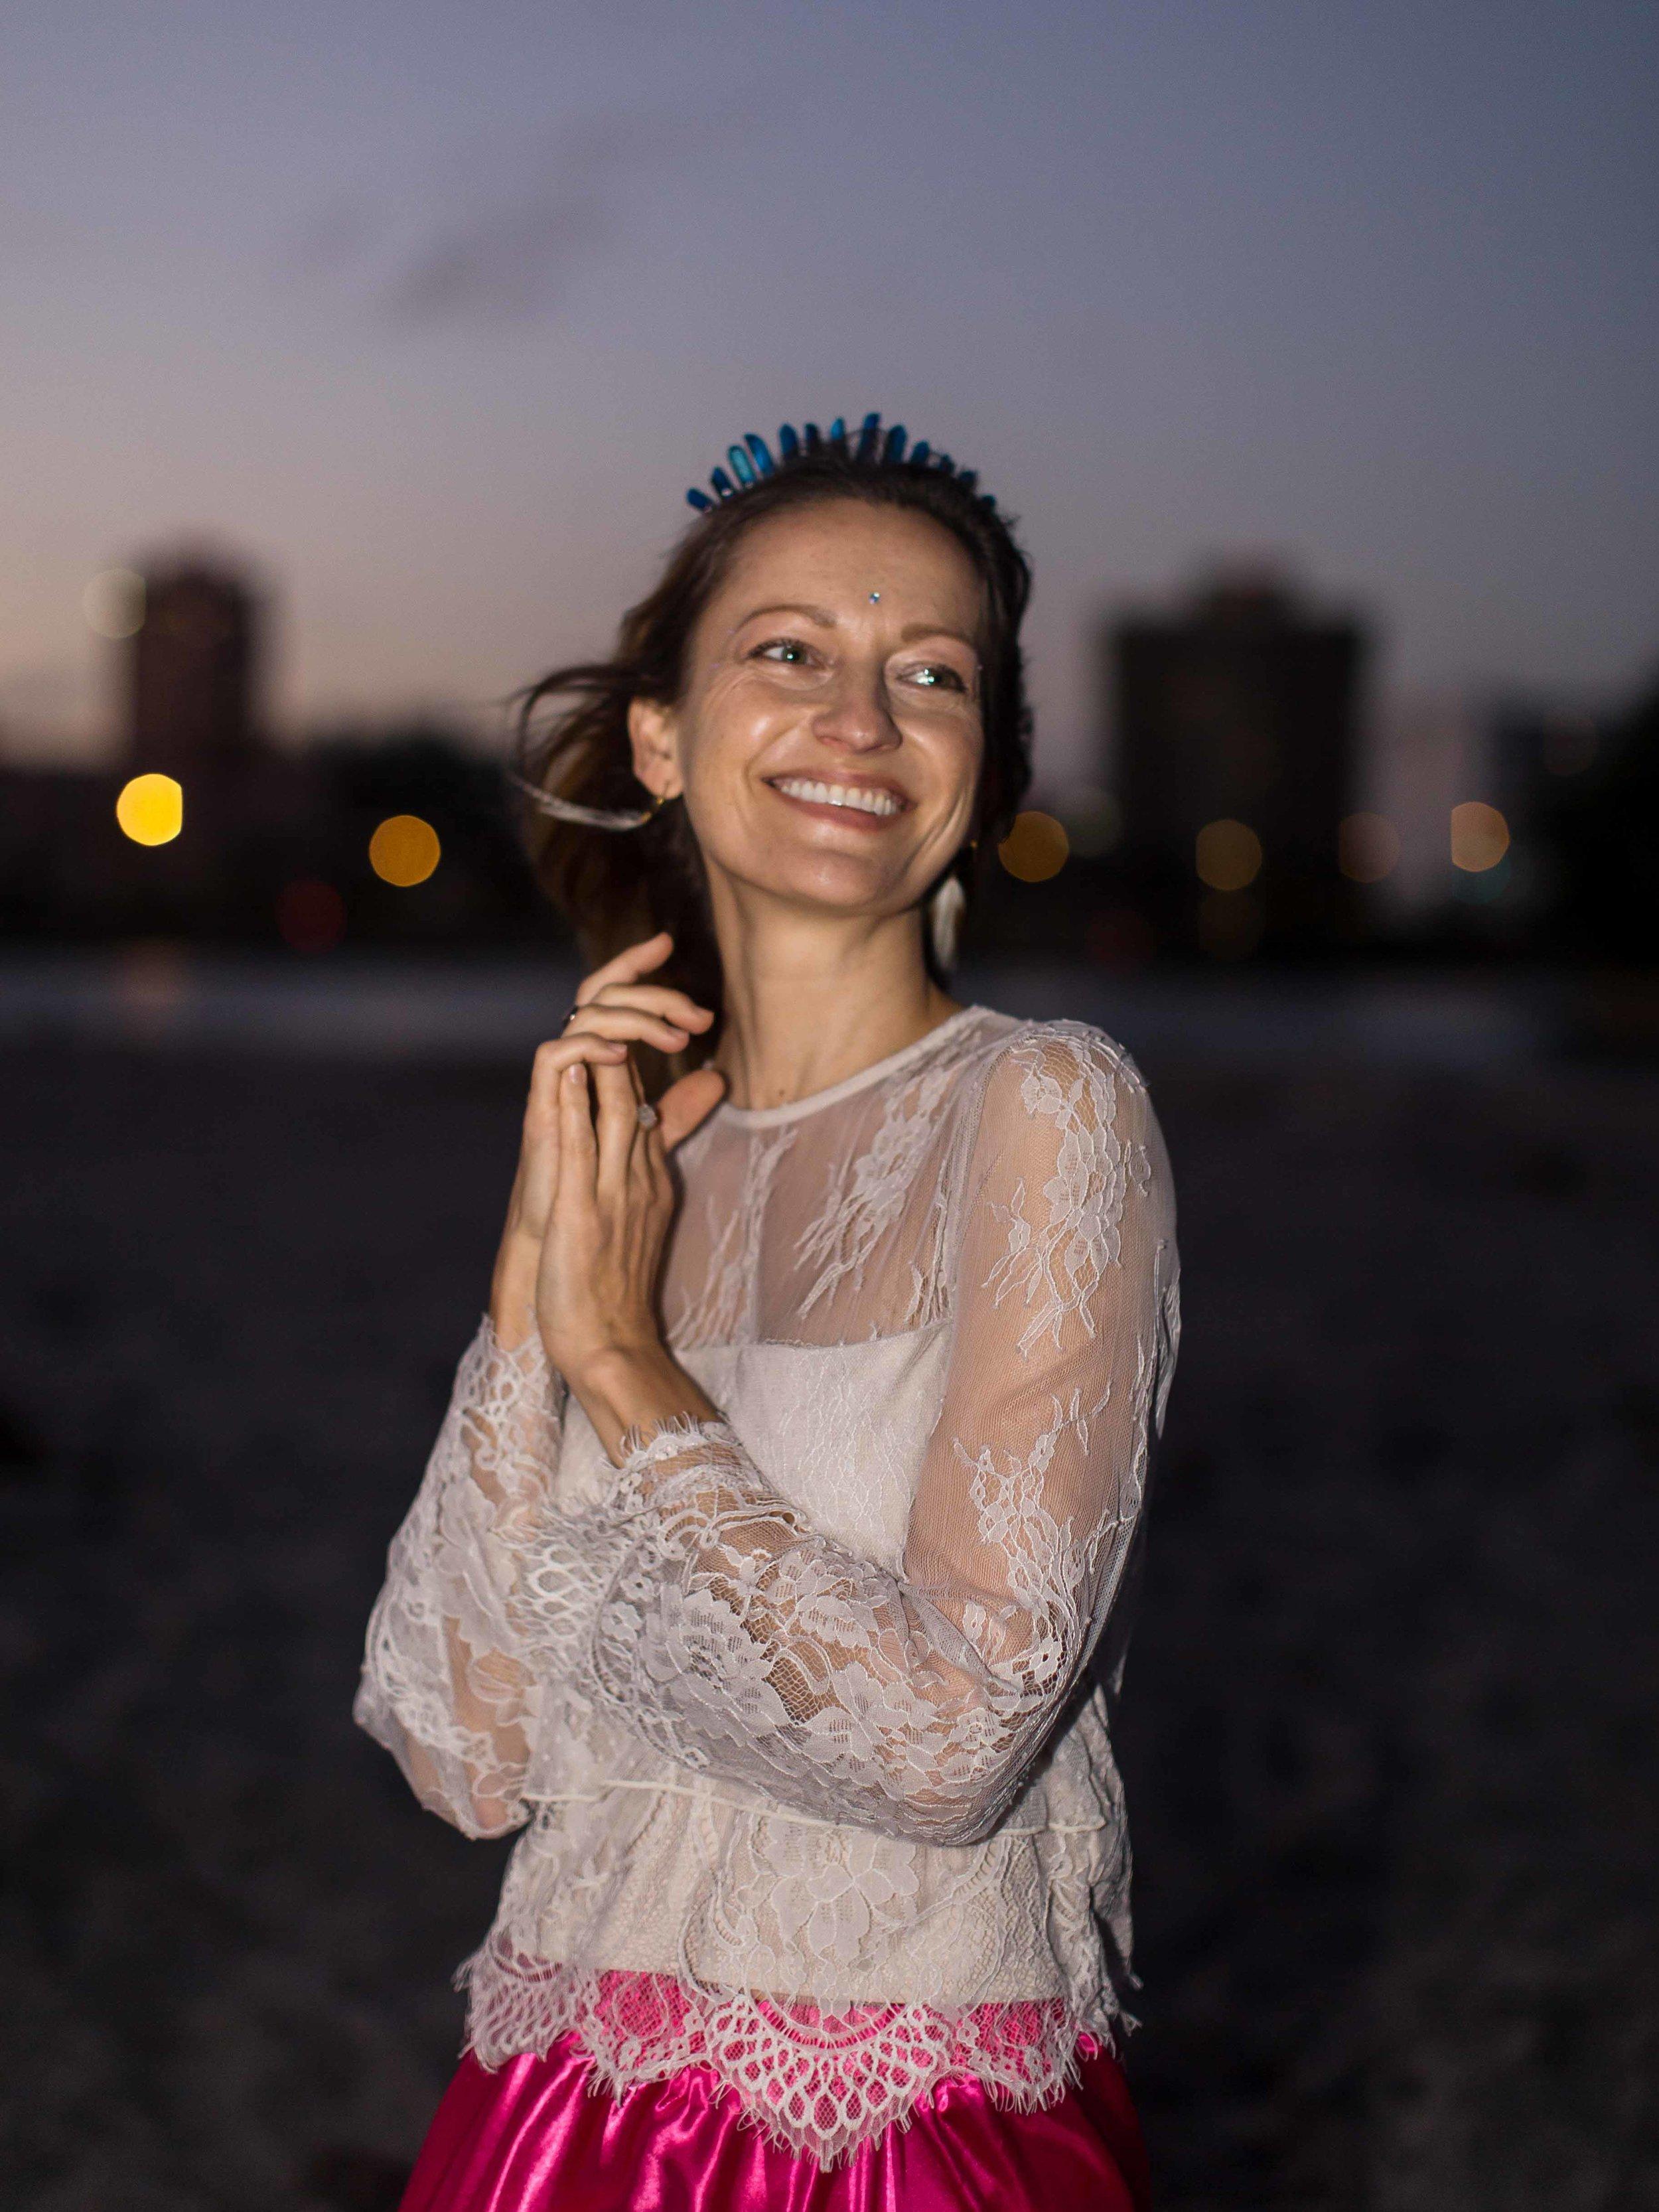 tantra-healer-photoshoot-boca-raton-south-florida